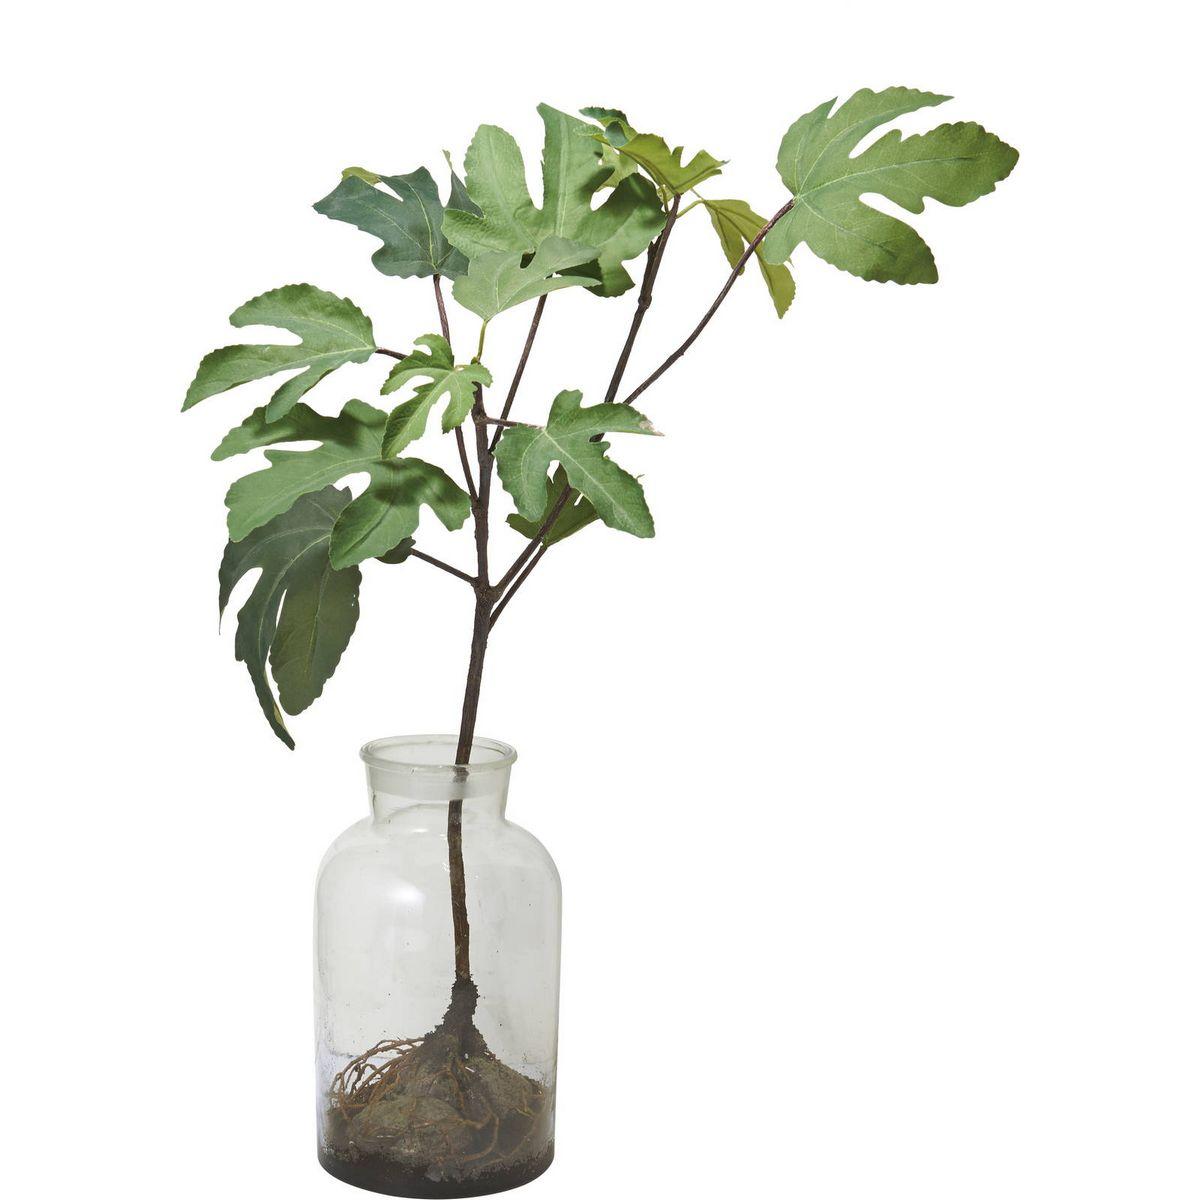 【人工観葉植物】YDM/ボタニカルパンノキ グリーン/GLA-1475-GR【01】【取寄】